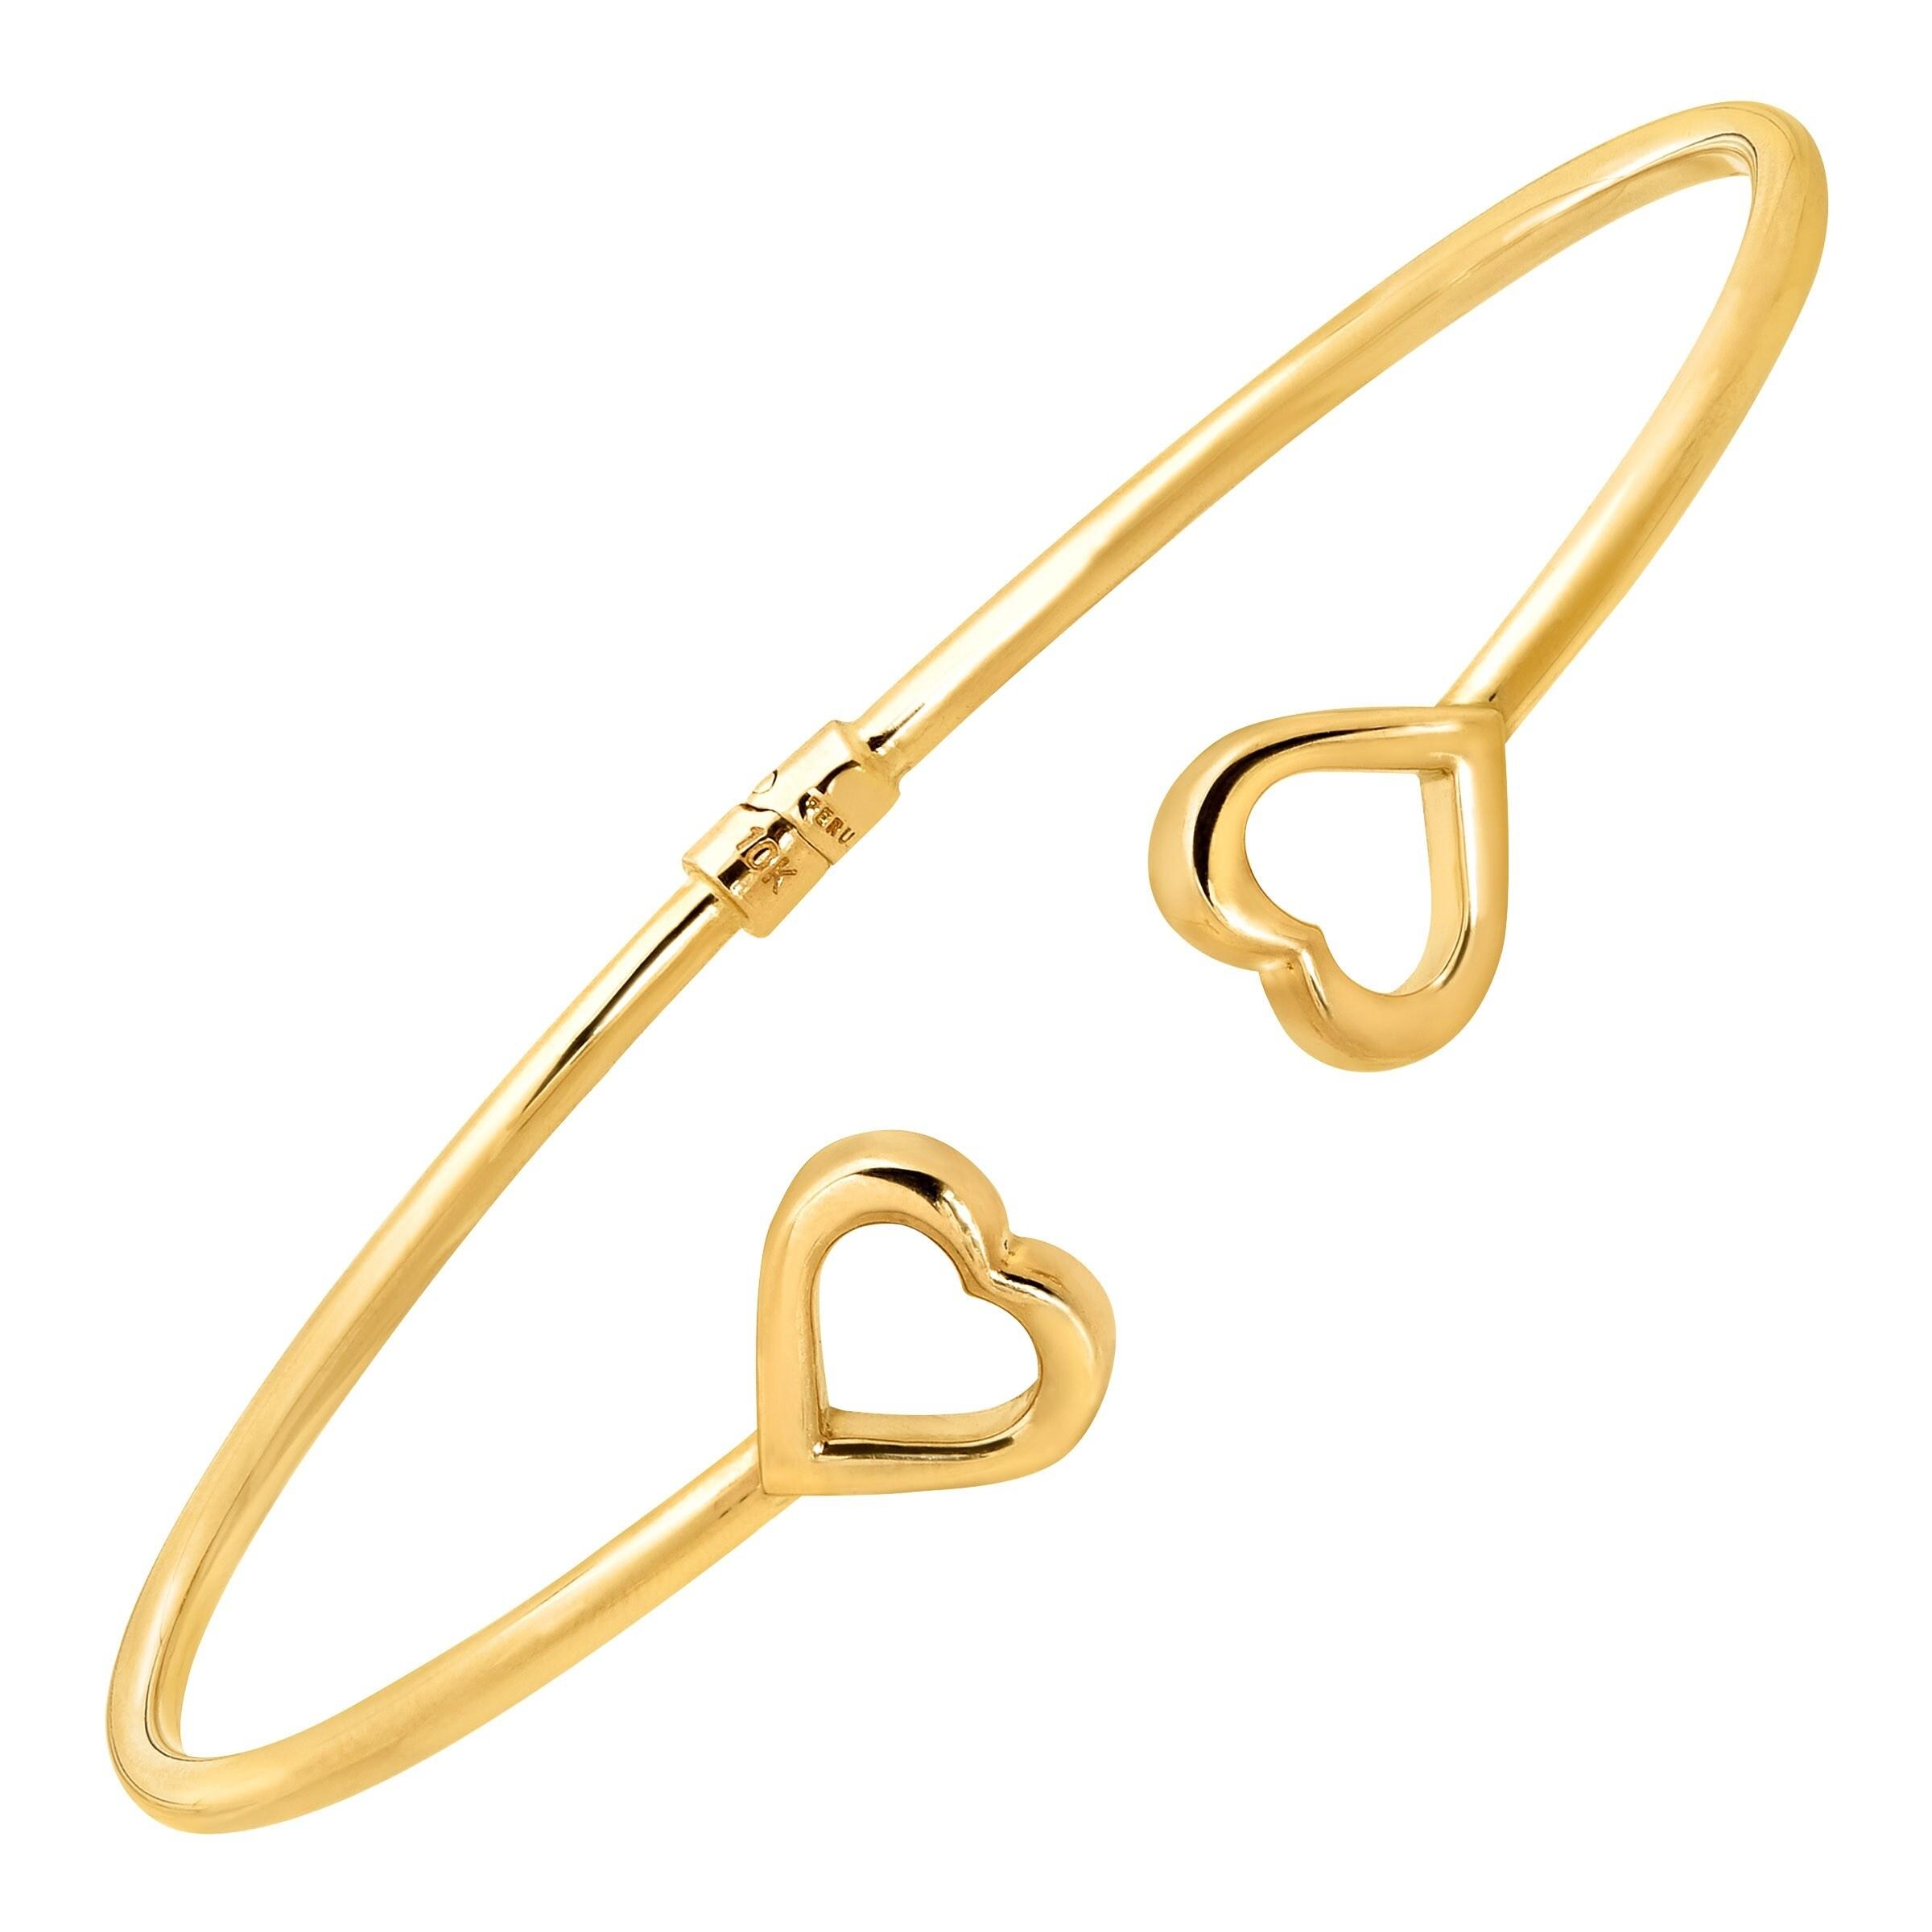 7.25in 10k Yellow Gold Heart Chain Bracelet